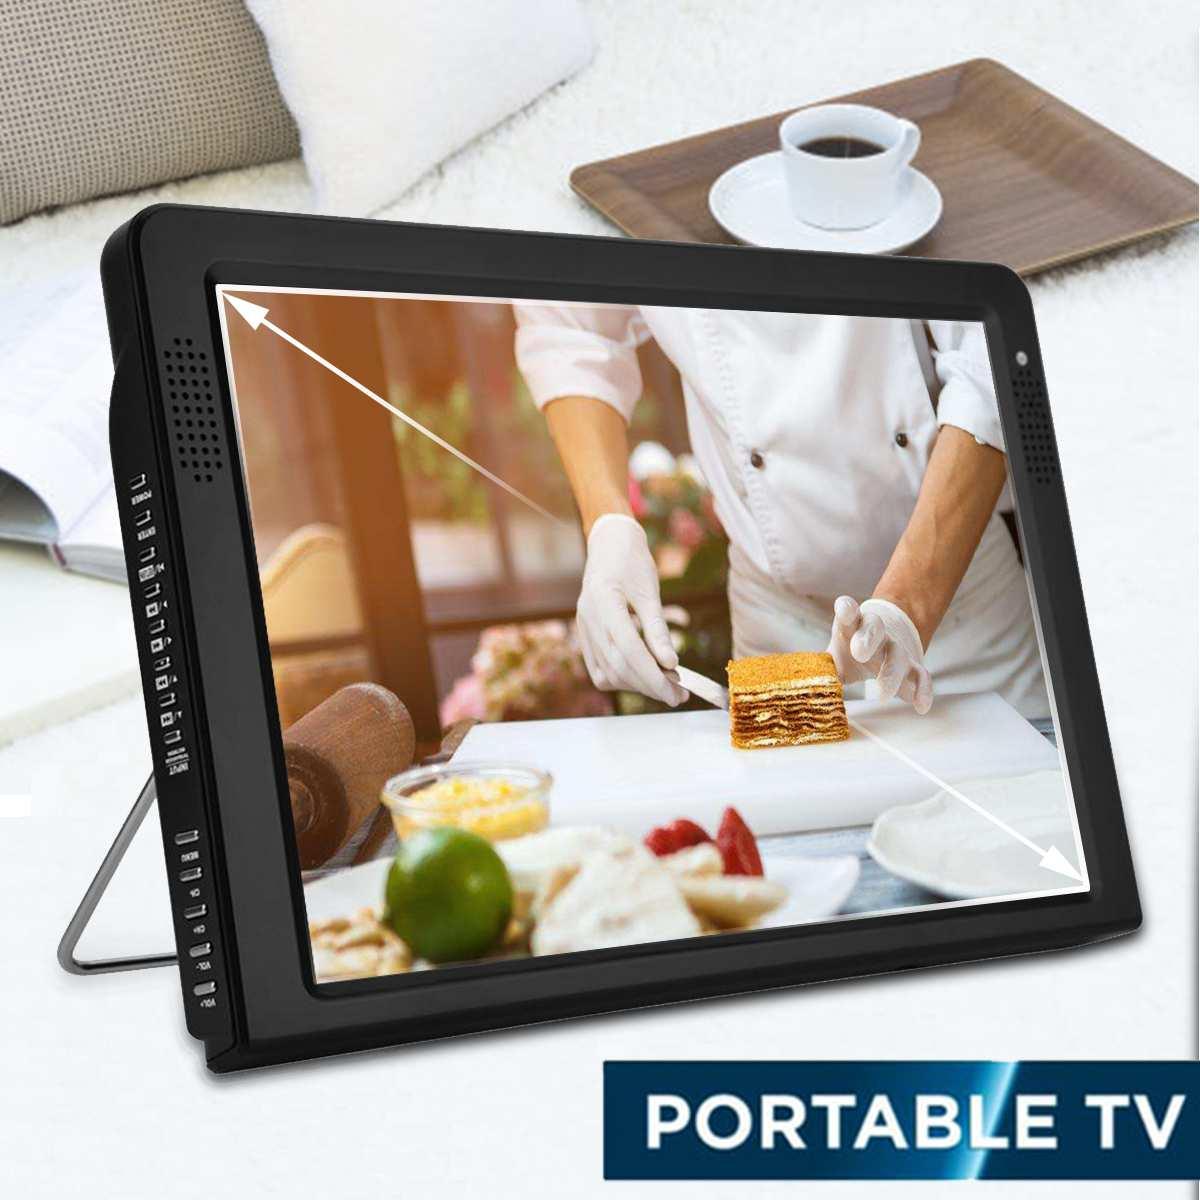 12 pouces Portable Mini numérique couleur analogique LED TV DVB-T DVB-T2 lecteur de télévision Rechargeable TFT-LED écran ATSC/HDMI entrée